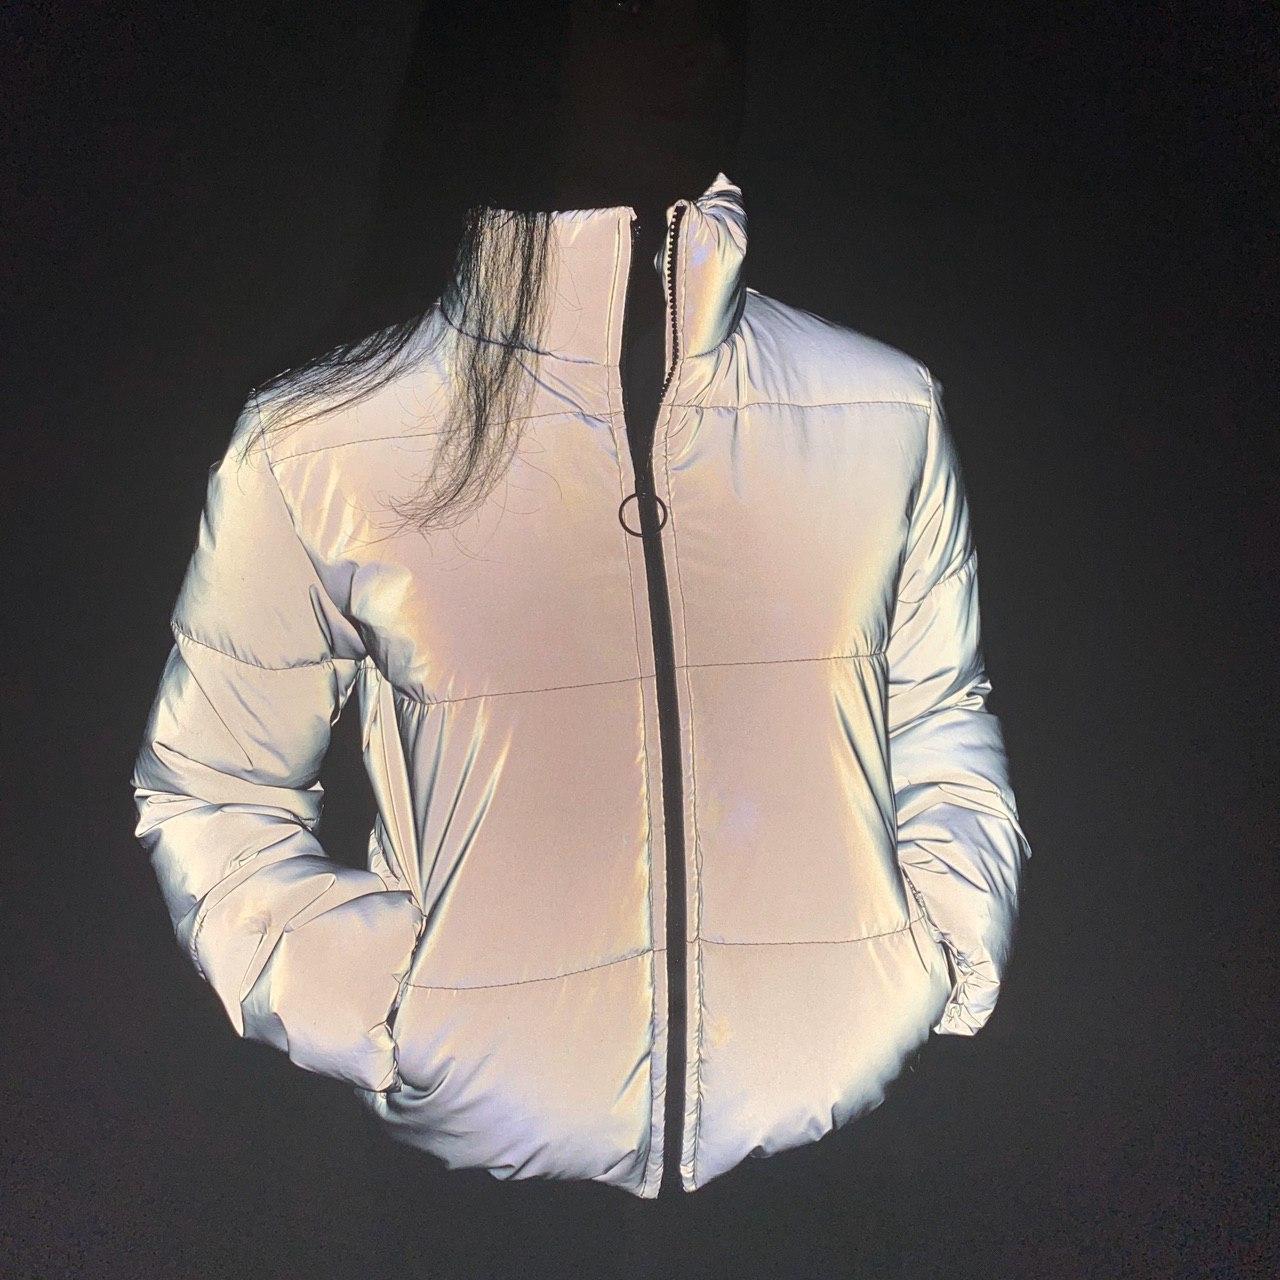 Рефлективна куртка світловідбиваюча ОПТОМ розміри з 38 по 48 модель Вік Рефлектив